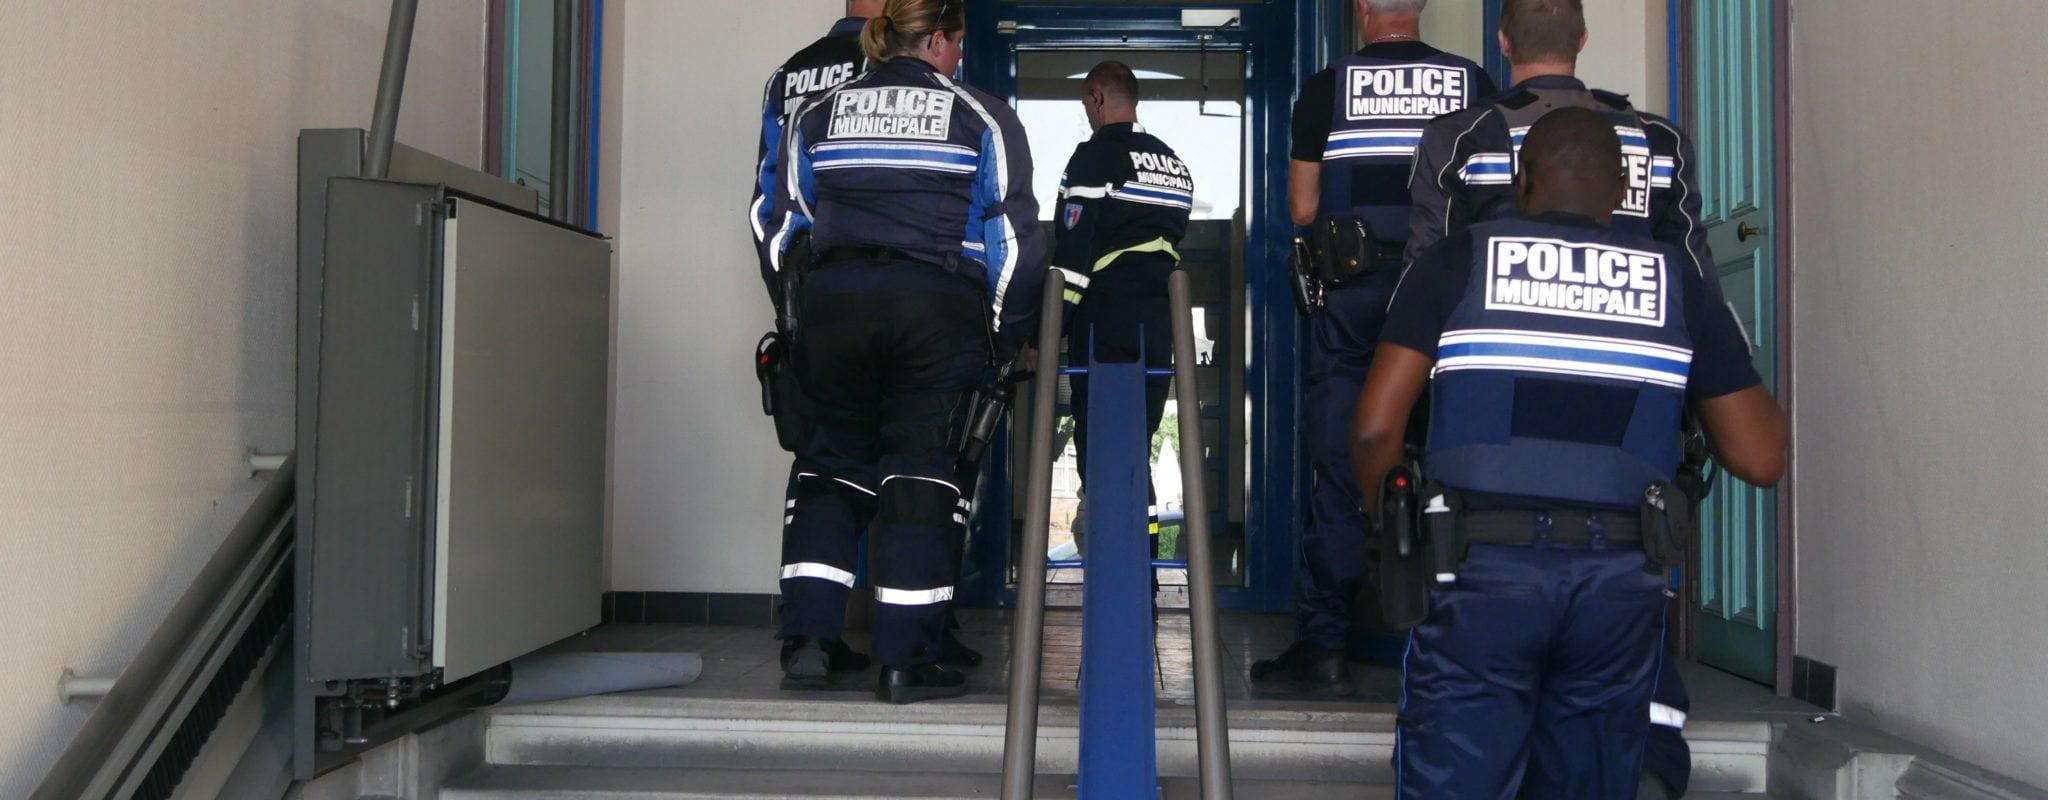 La Ville de Strasbourg demande la «libération immédiate» du squat Gruber